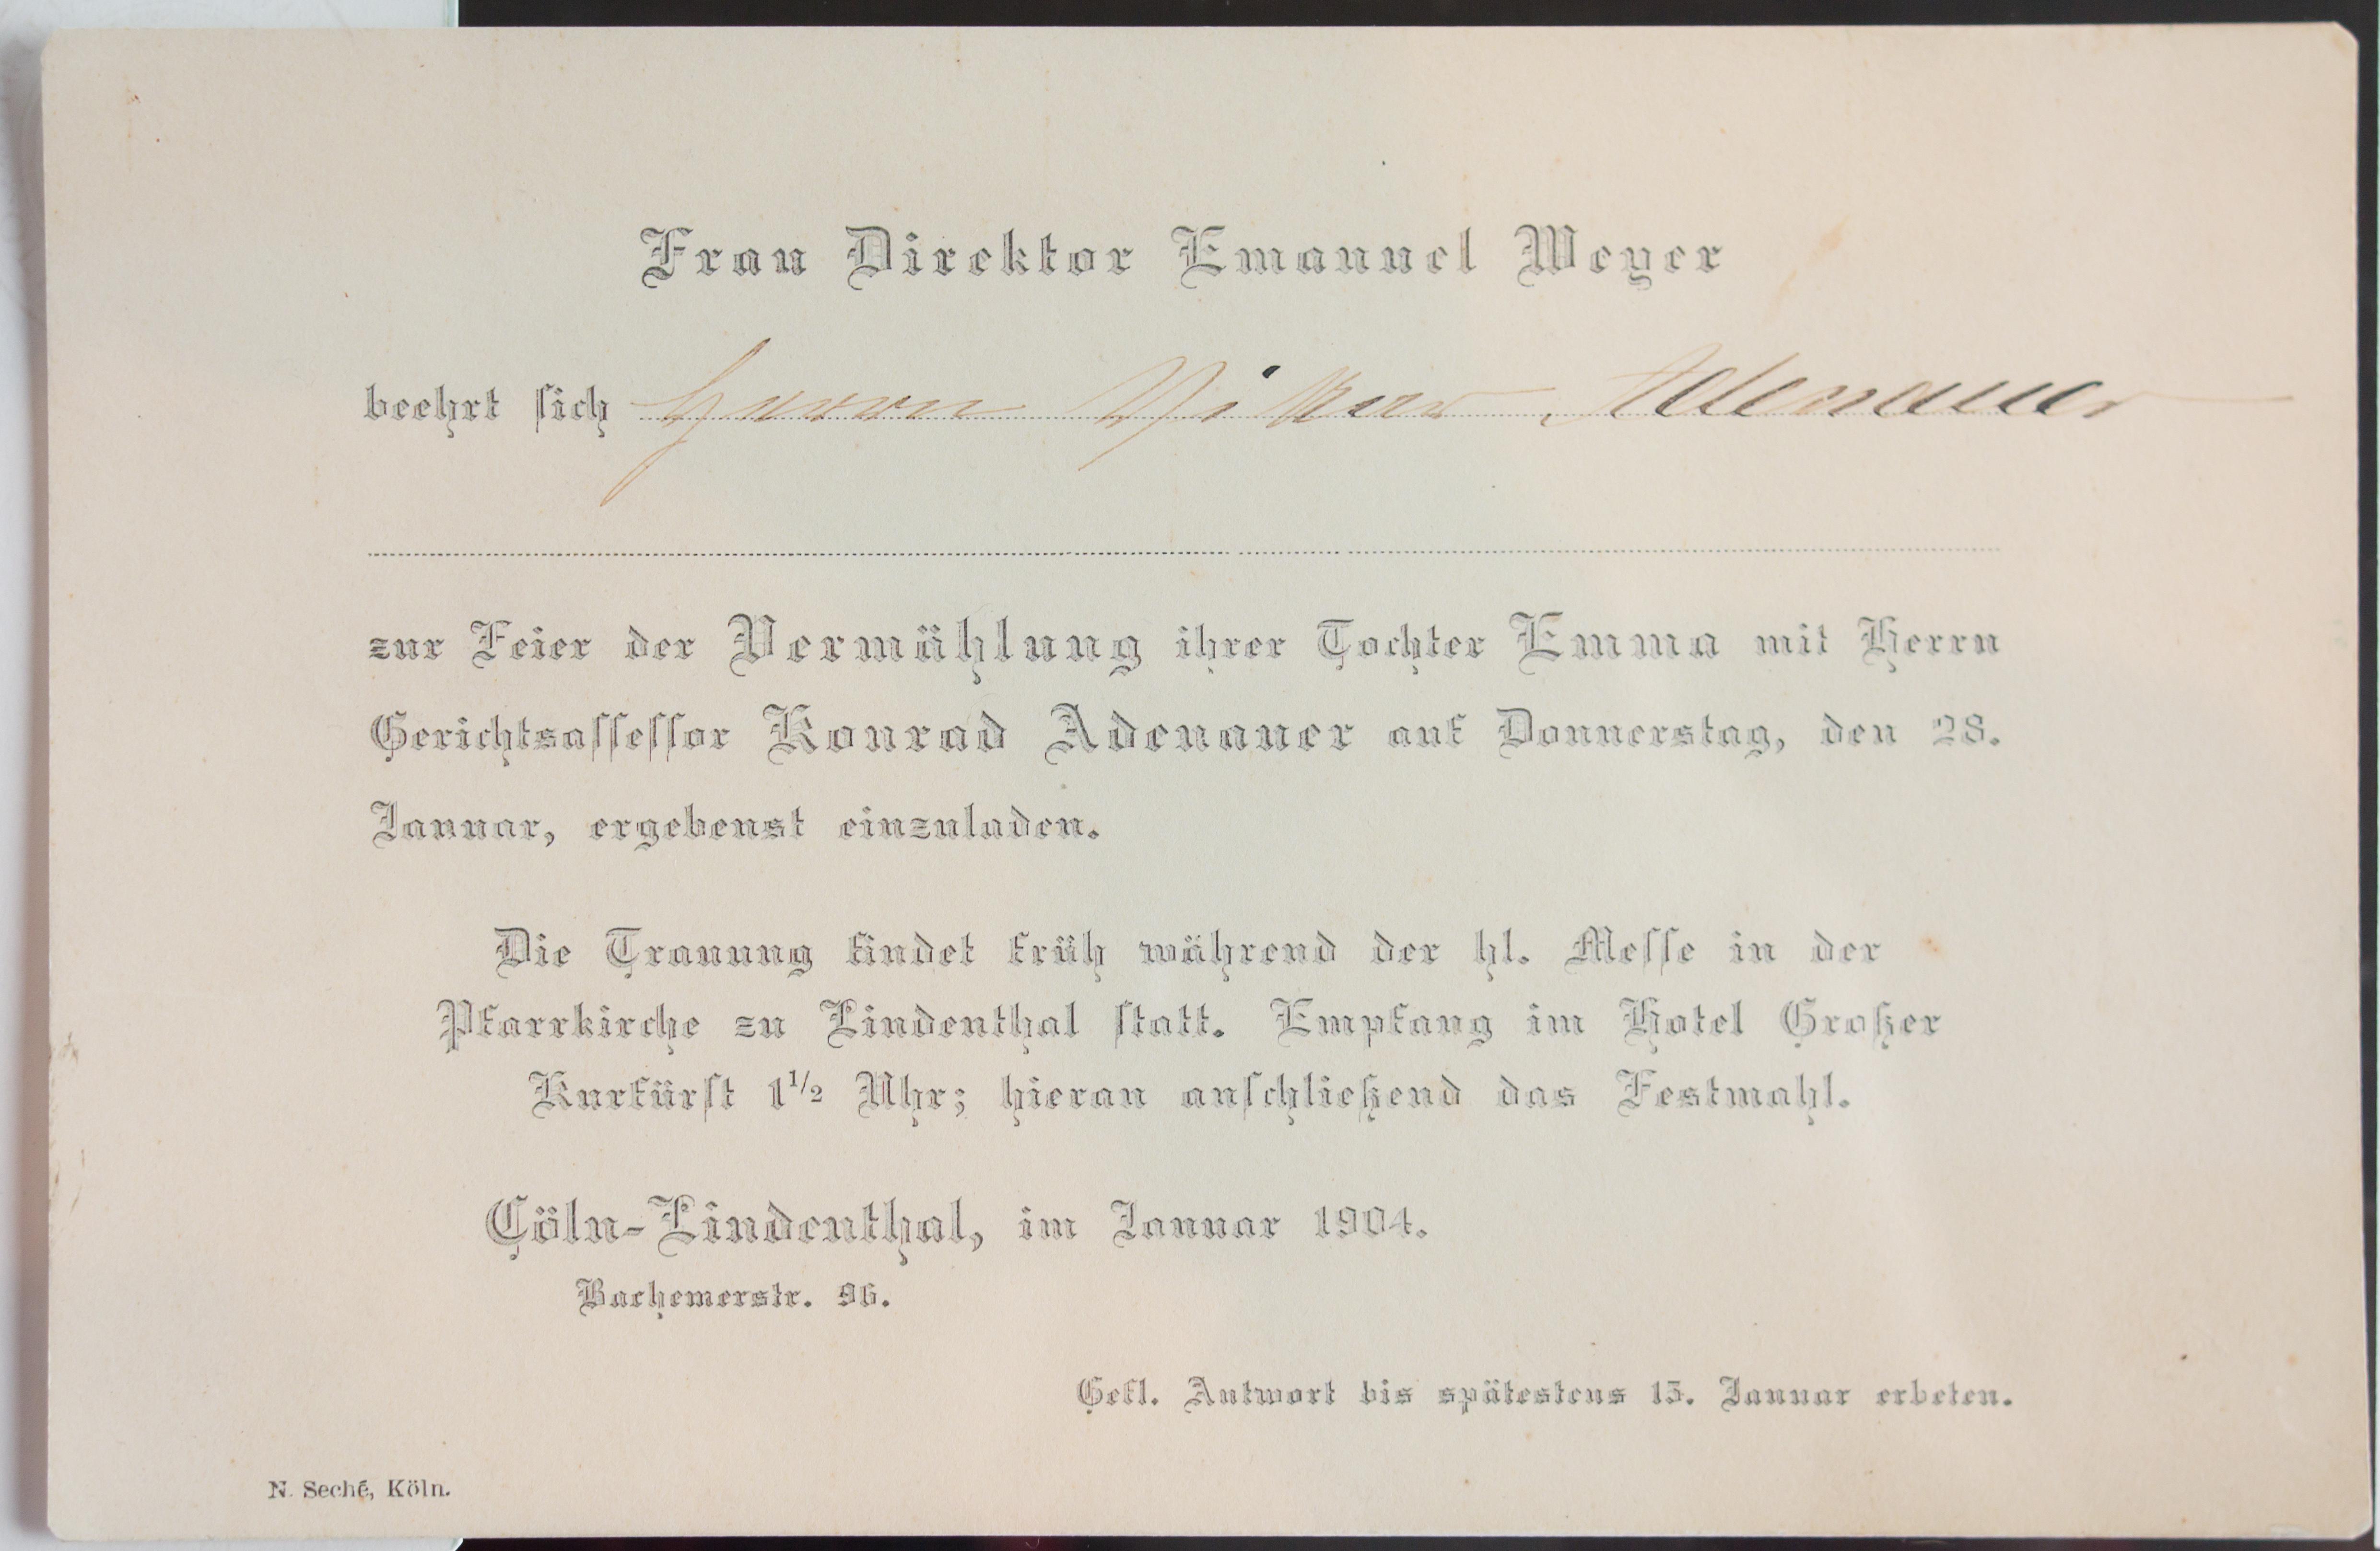 Datei Einladung Hochzeit Emma Weyer Konrad Adenauer 5939 Jpg Wikipedia